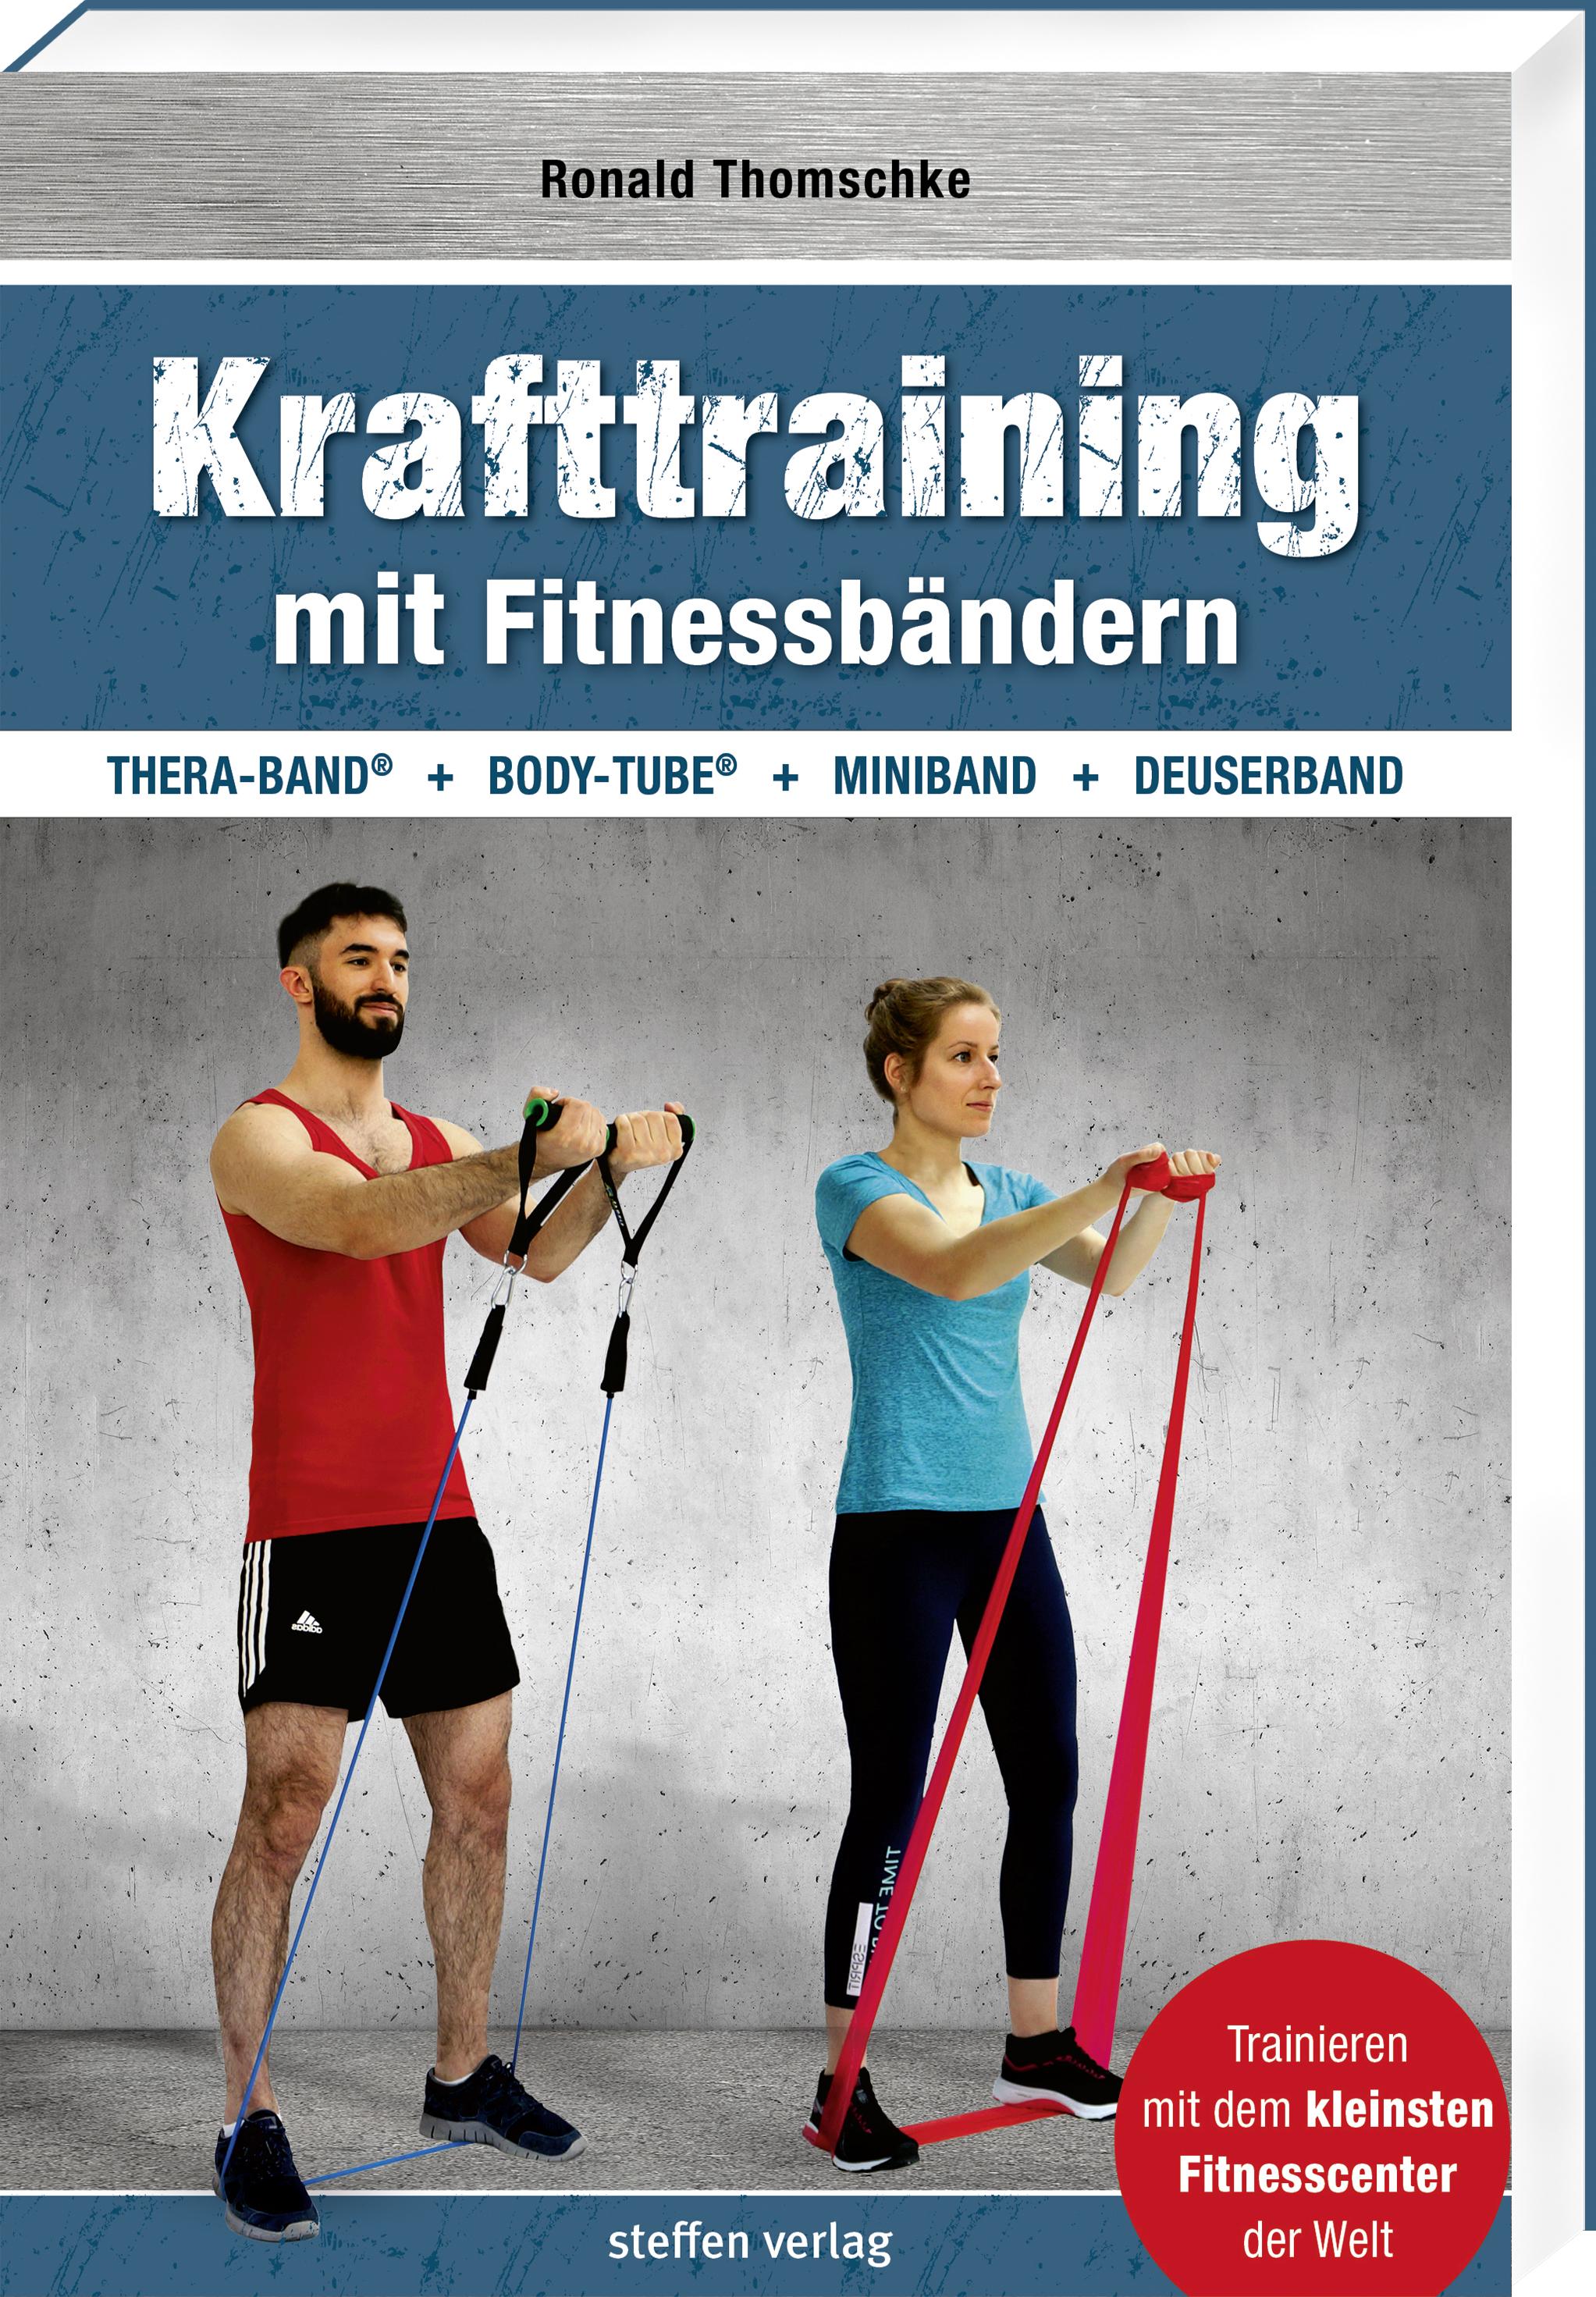 Thomschke_Fitnessbaender_3DY1saOA2jBVkFo